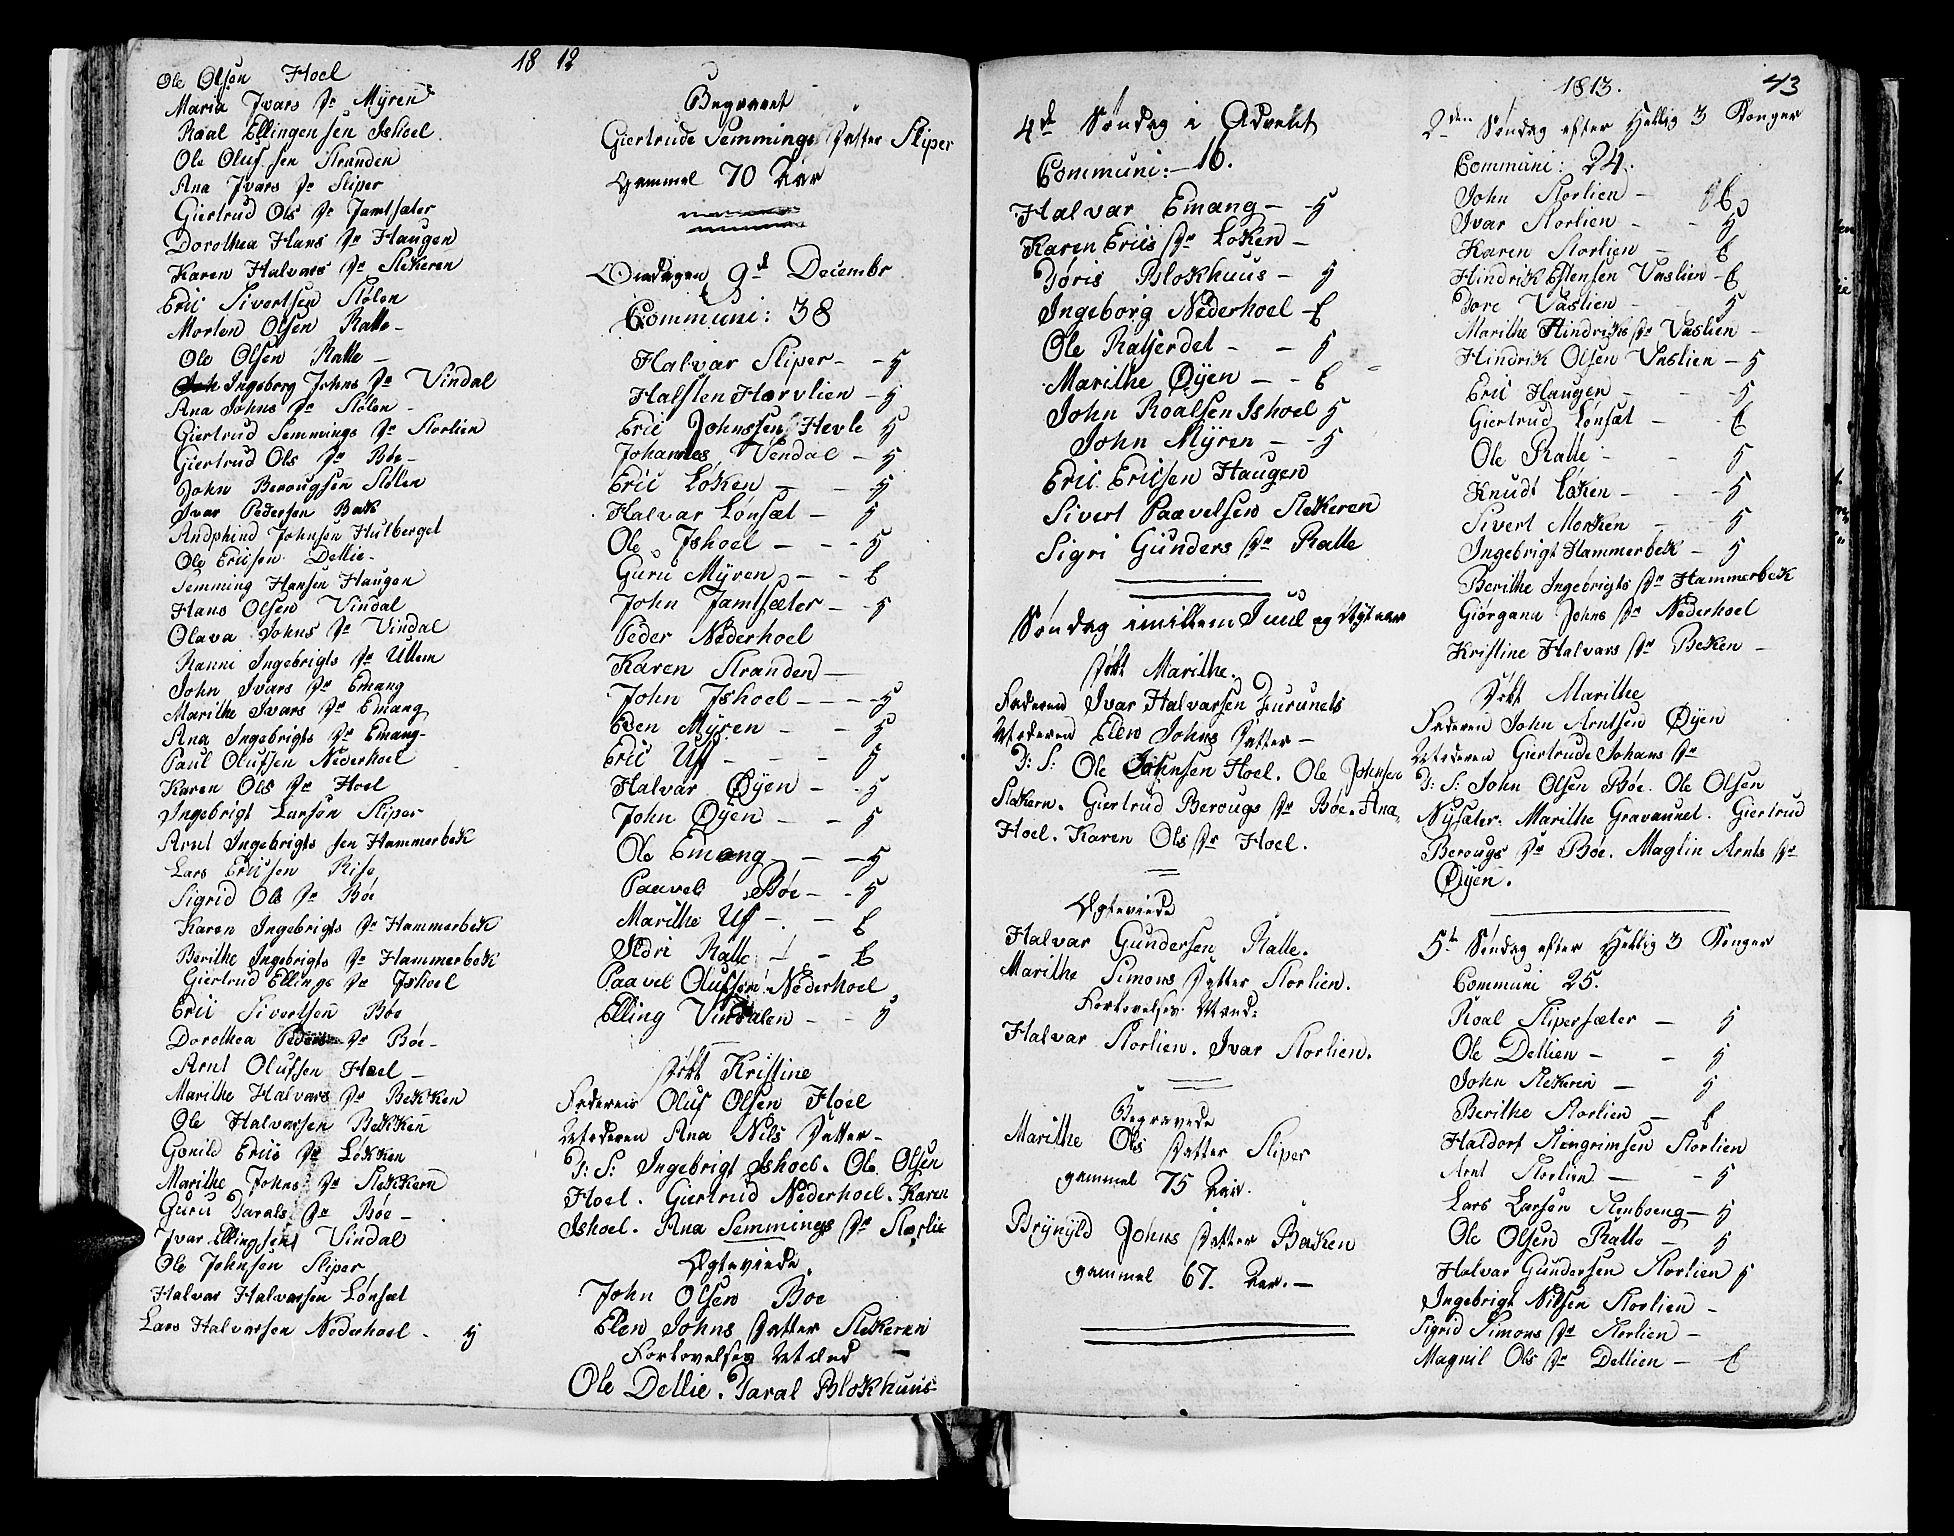 SAT, Ministerialprotokoller, klokkerbøker og fødselsregistre - Sør-Trøndelag, 679/L0921: Klokkerbok nr. 679C01, 1792-1840, s. 43